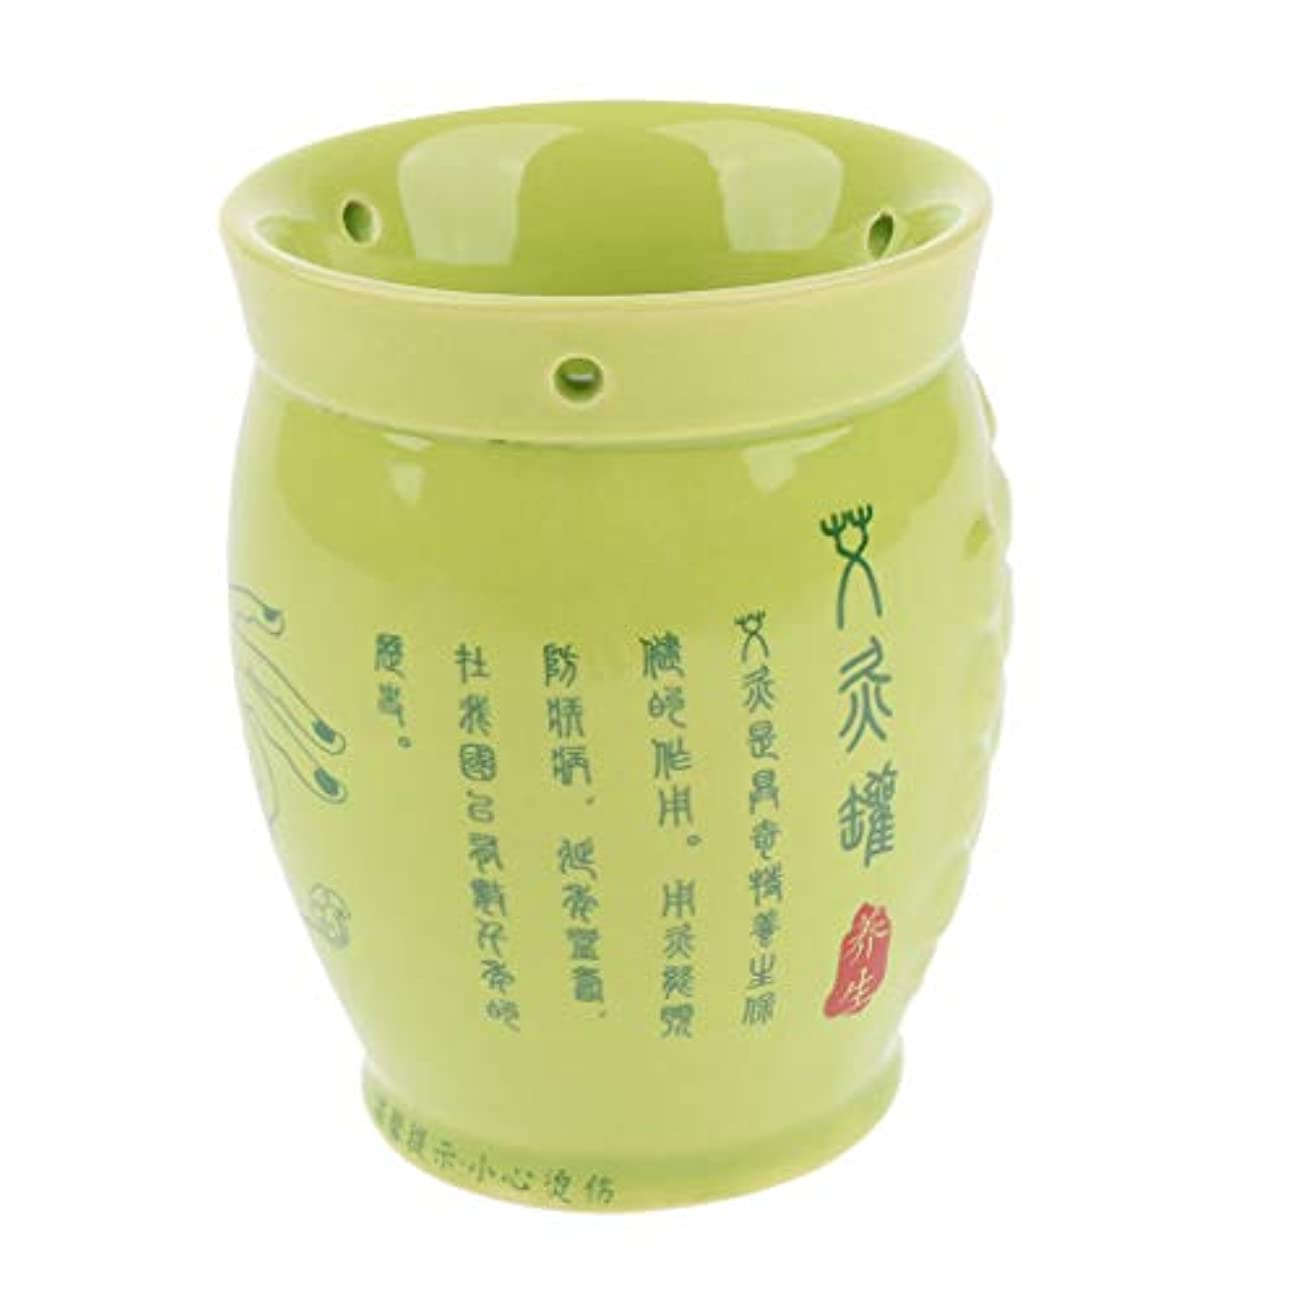 ブラストレンダリングハンサム男女兼用 全身マッサージ カッピングカップ 缶 ポット お灸 中国式 セラミック ボディケア